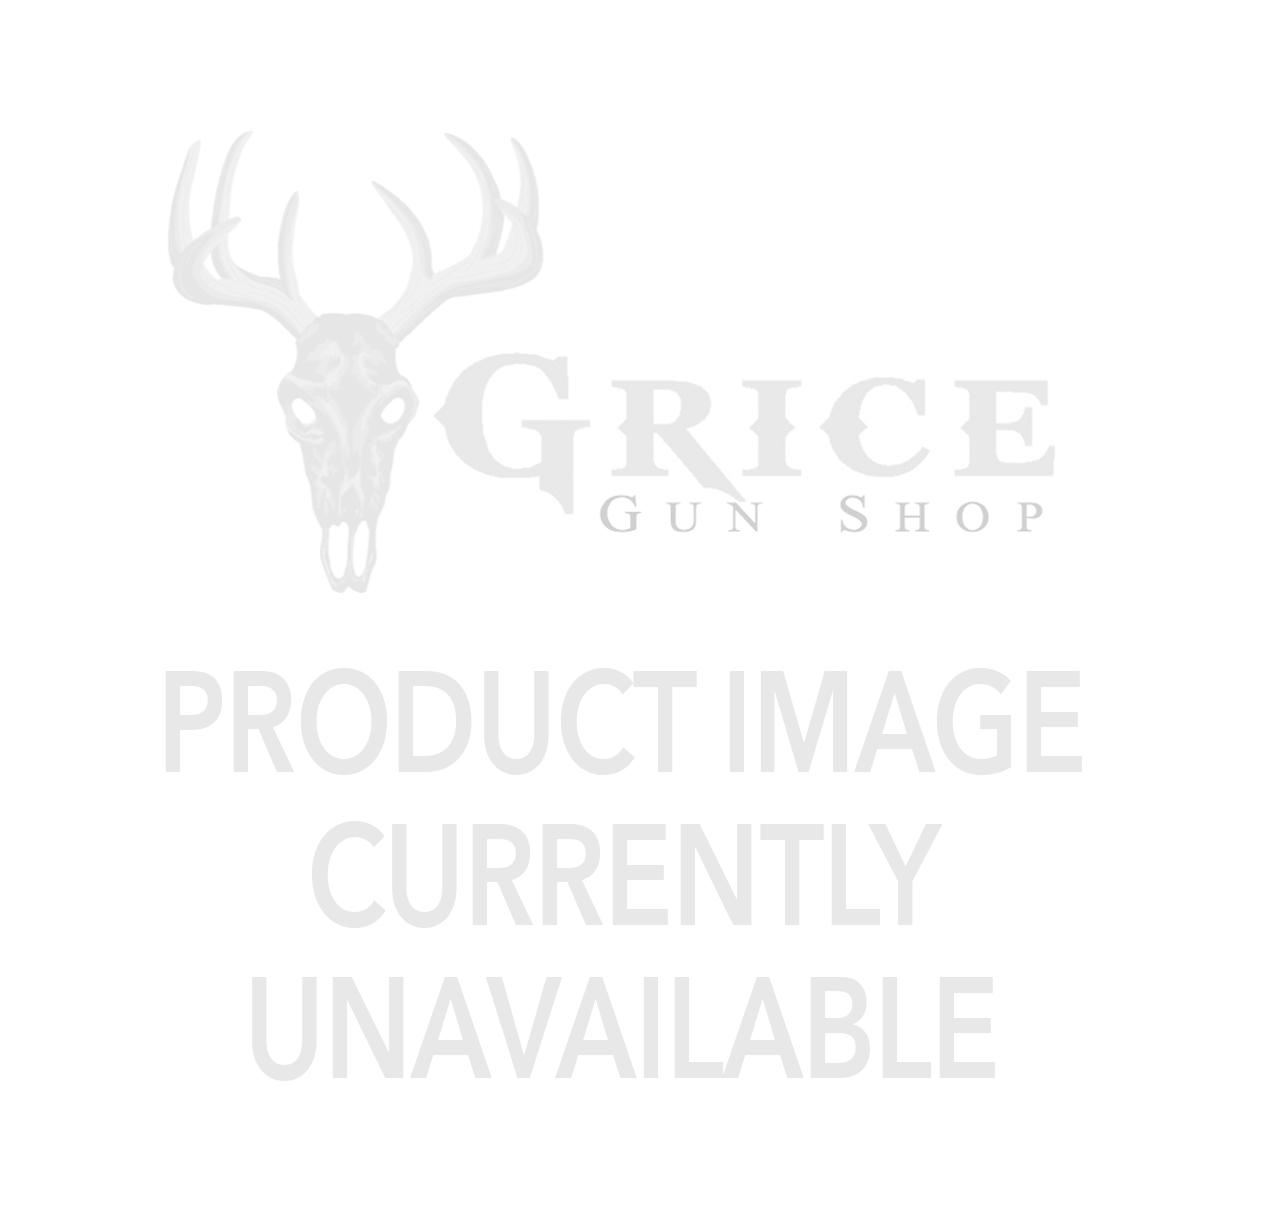 Sig Sauer - KILO2400 ABS Range Finder Monocular 7x25mm